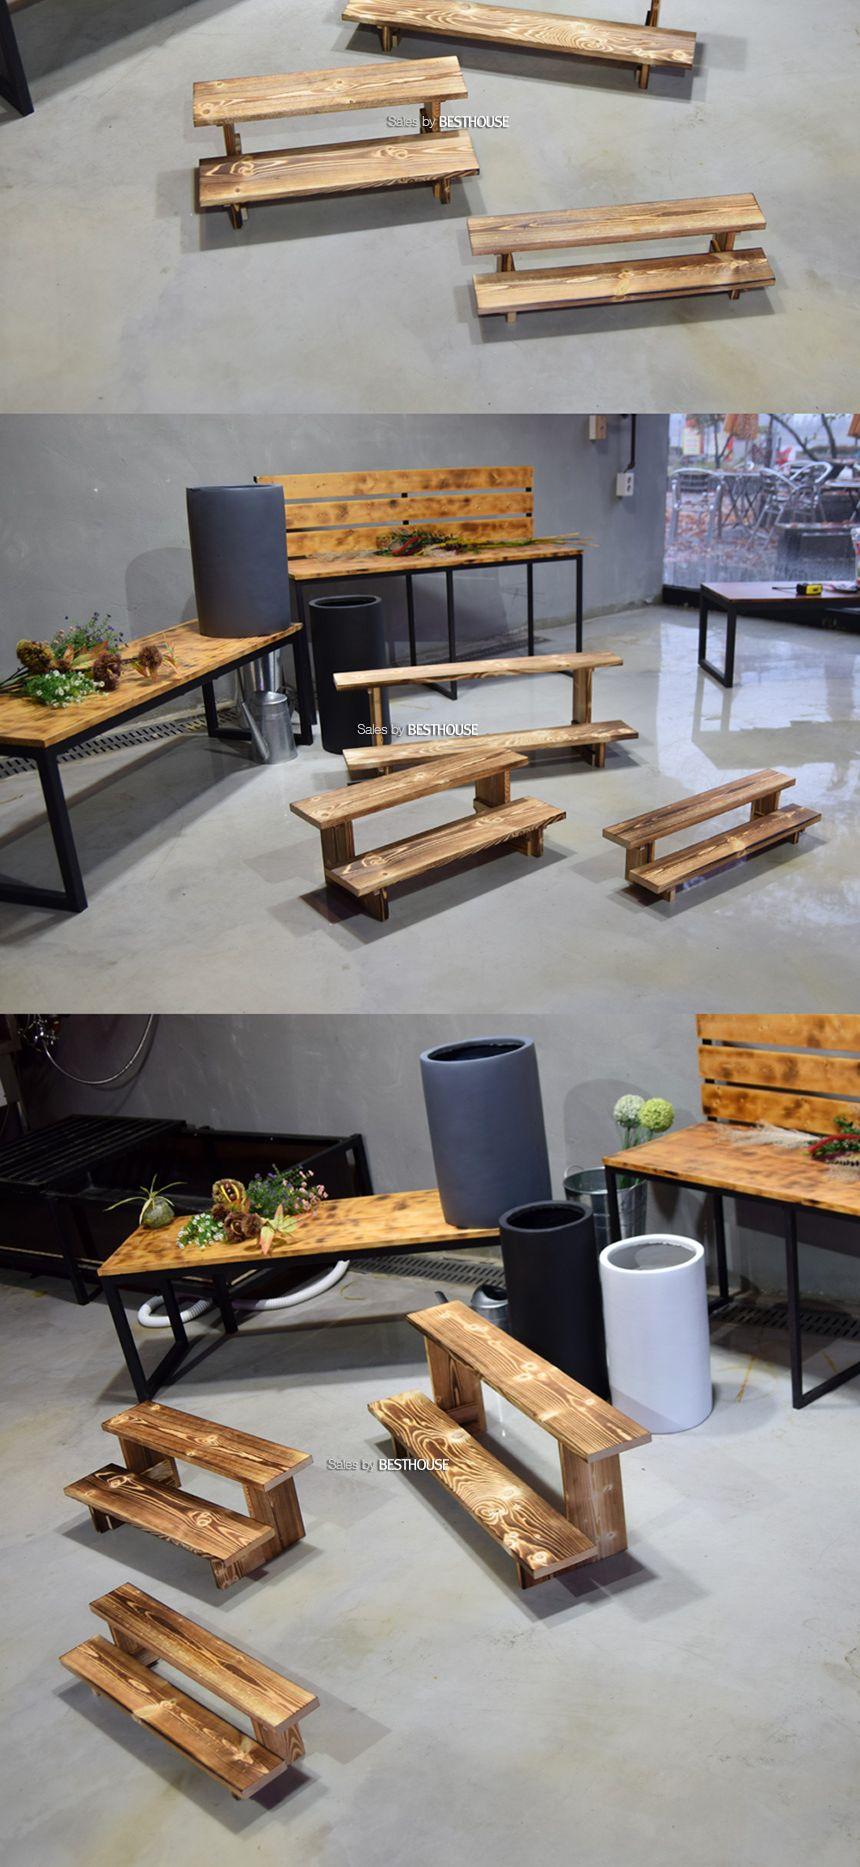 원목 우드 2단 계단 화분받침대 (대) 90x30cm 화분계 화분계단받침 화분계단받침대 화분받침 화분진열대 계단식화분정리대